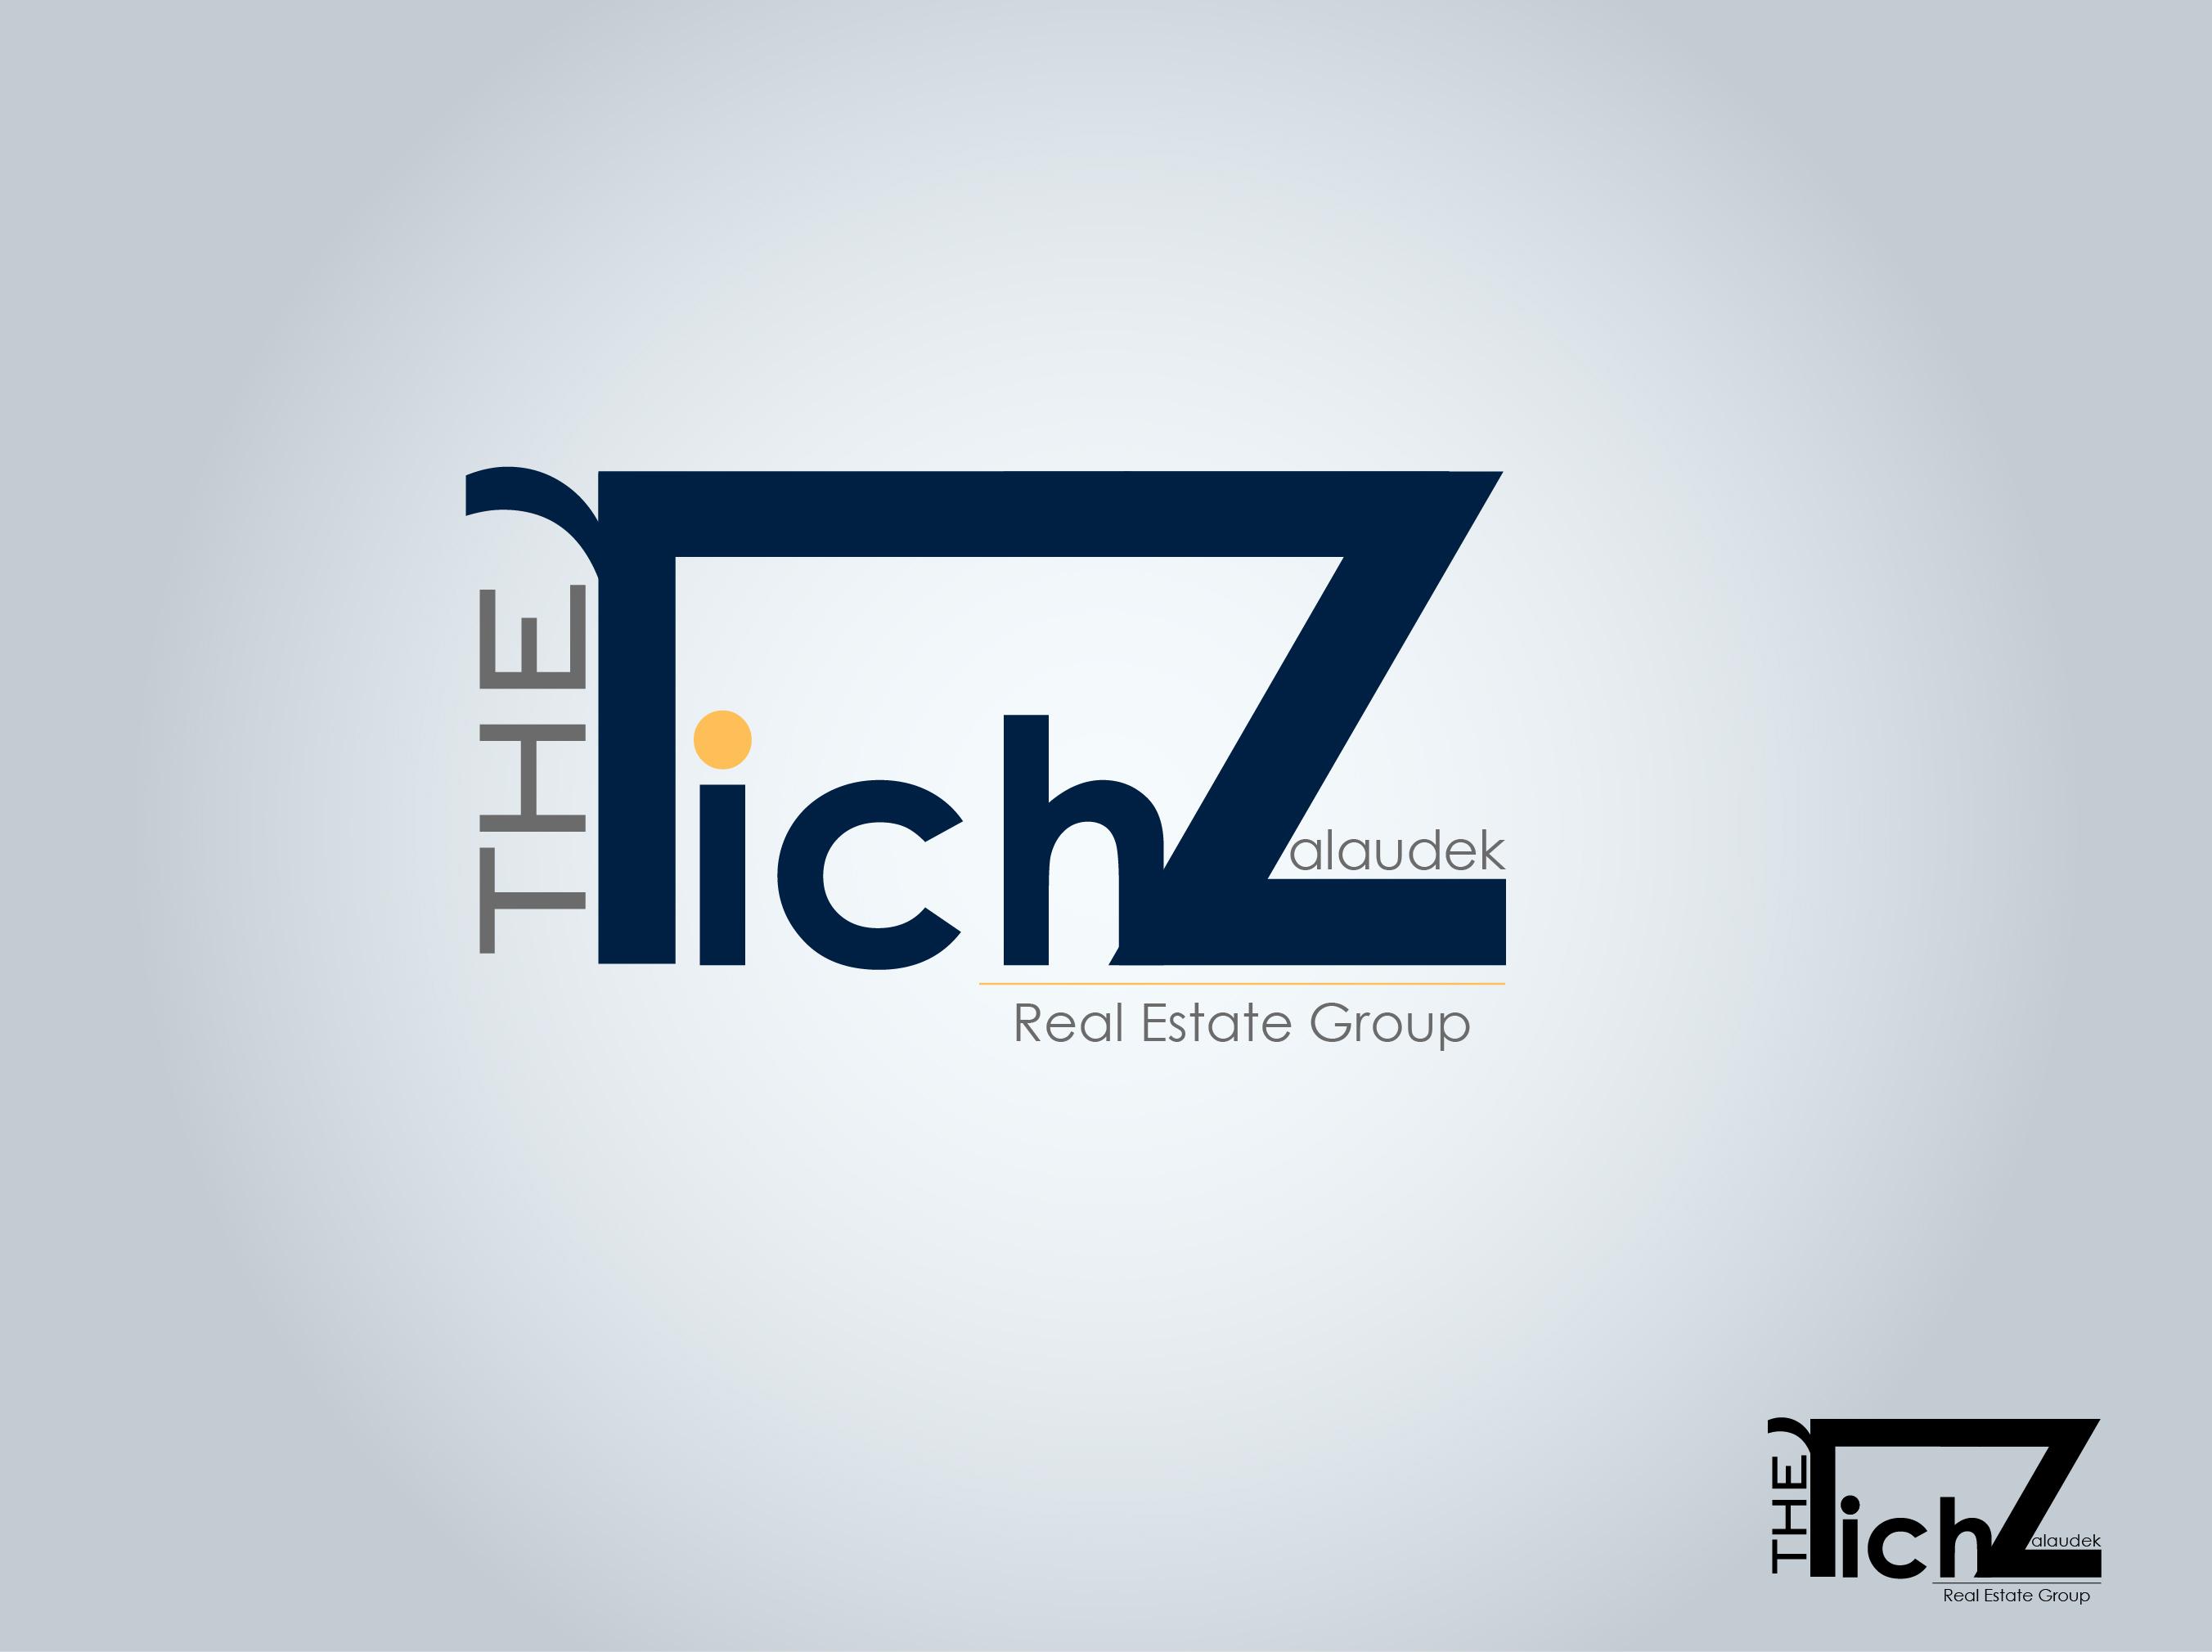 Logo Design by nTia - Entry No. 9 in the Logo Design Contest The Rich Z. Real Estate Group Logo Design.